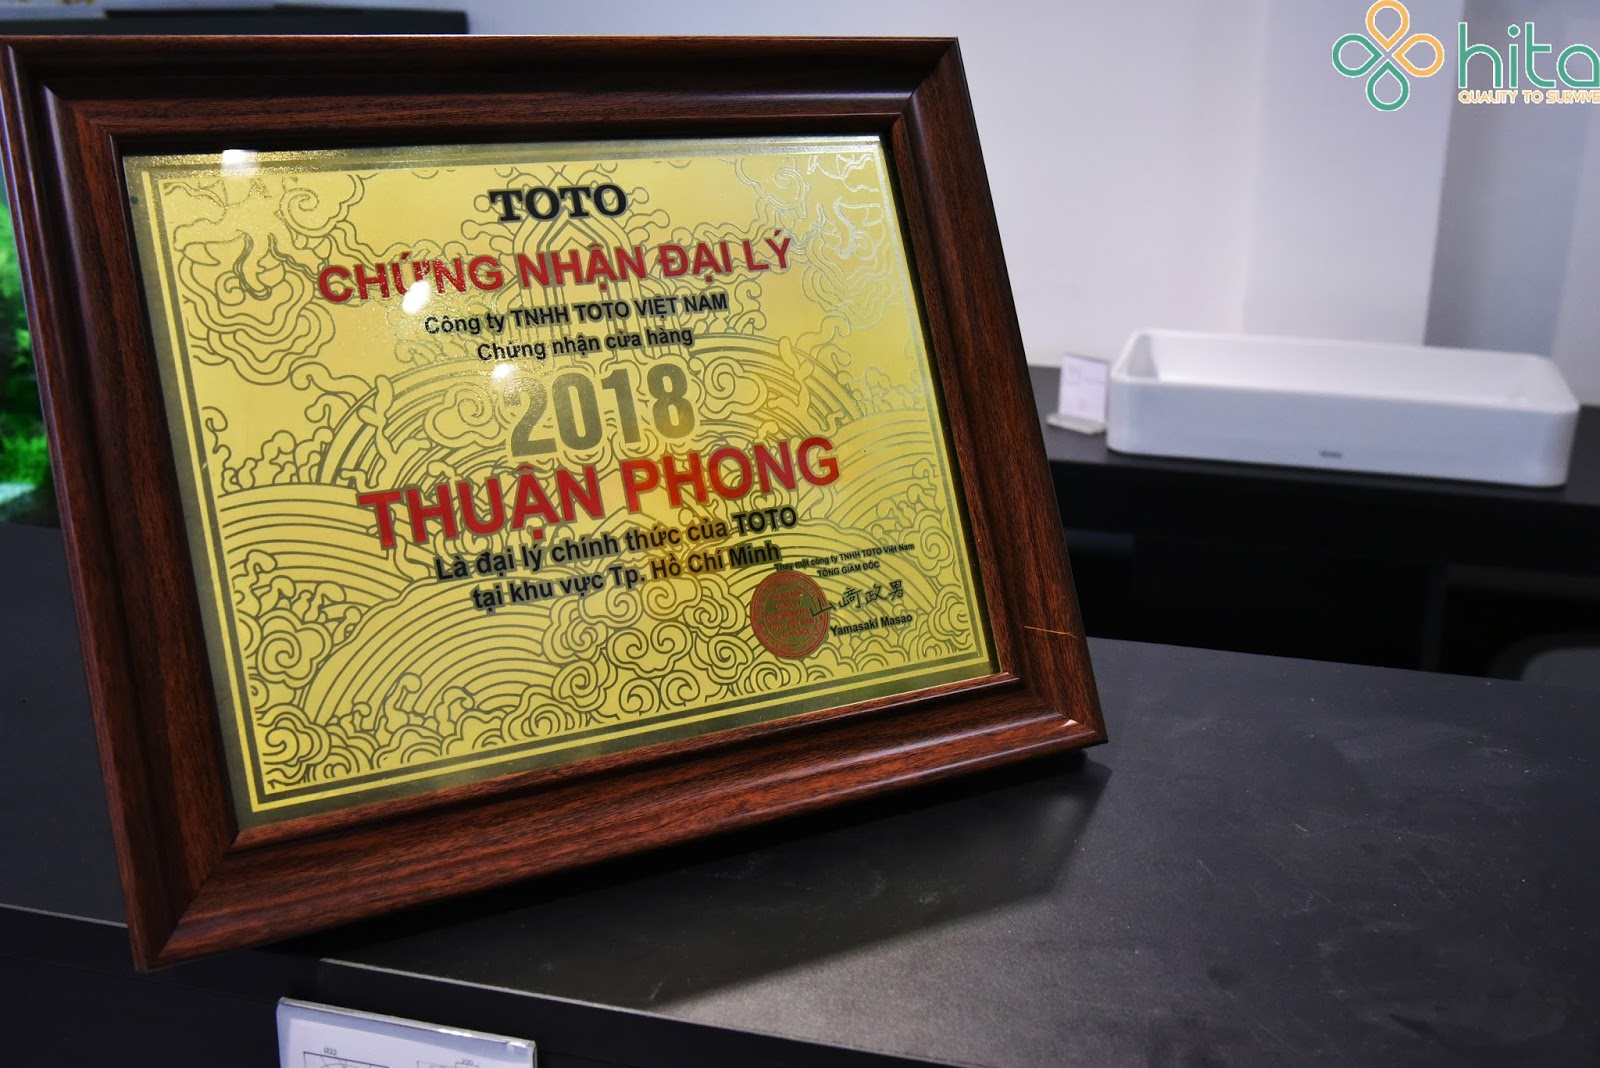 Thiết bị vệ sinh Toto nhập khẩu giá tốt nhất TPHCM 2018